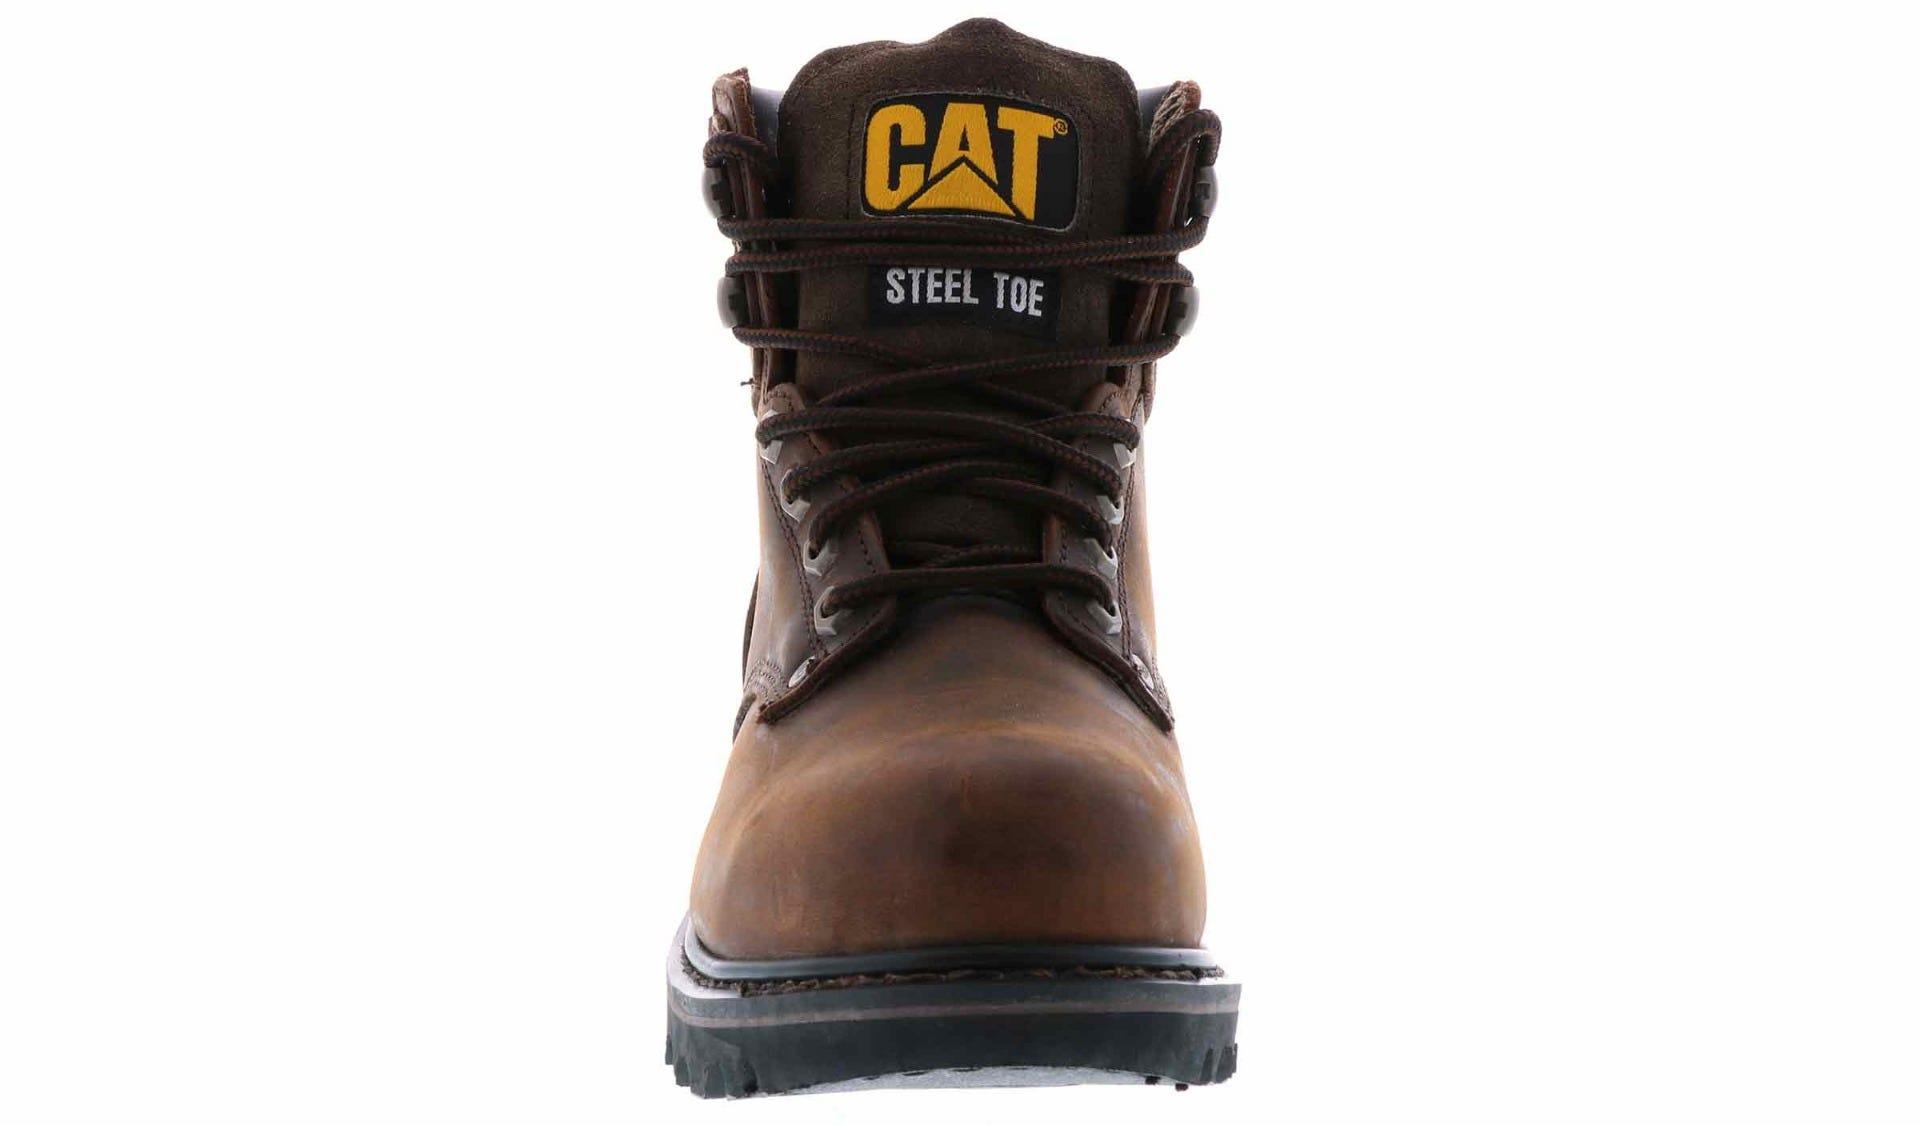 3e529da471d Caterpillar Men's Second Shift Steel Toe Brown